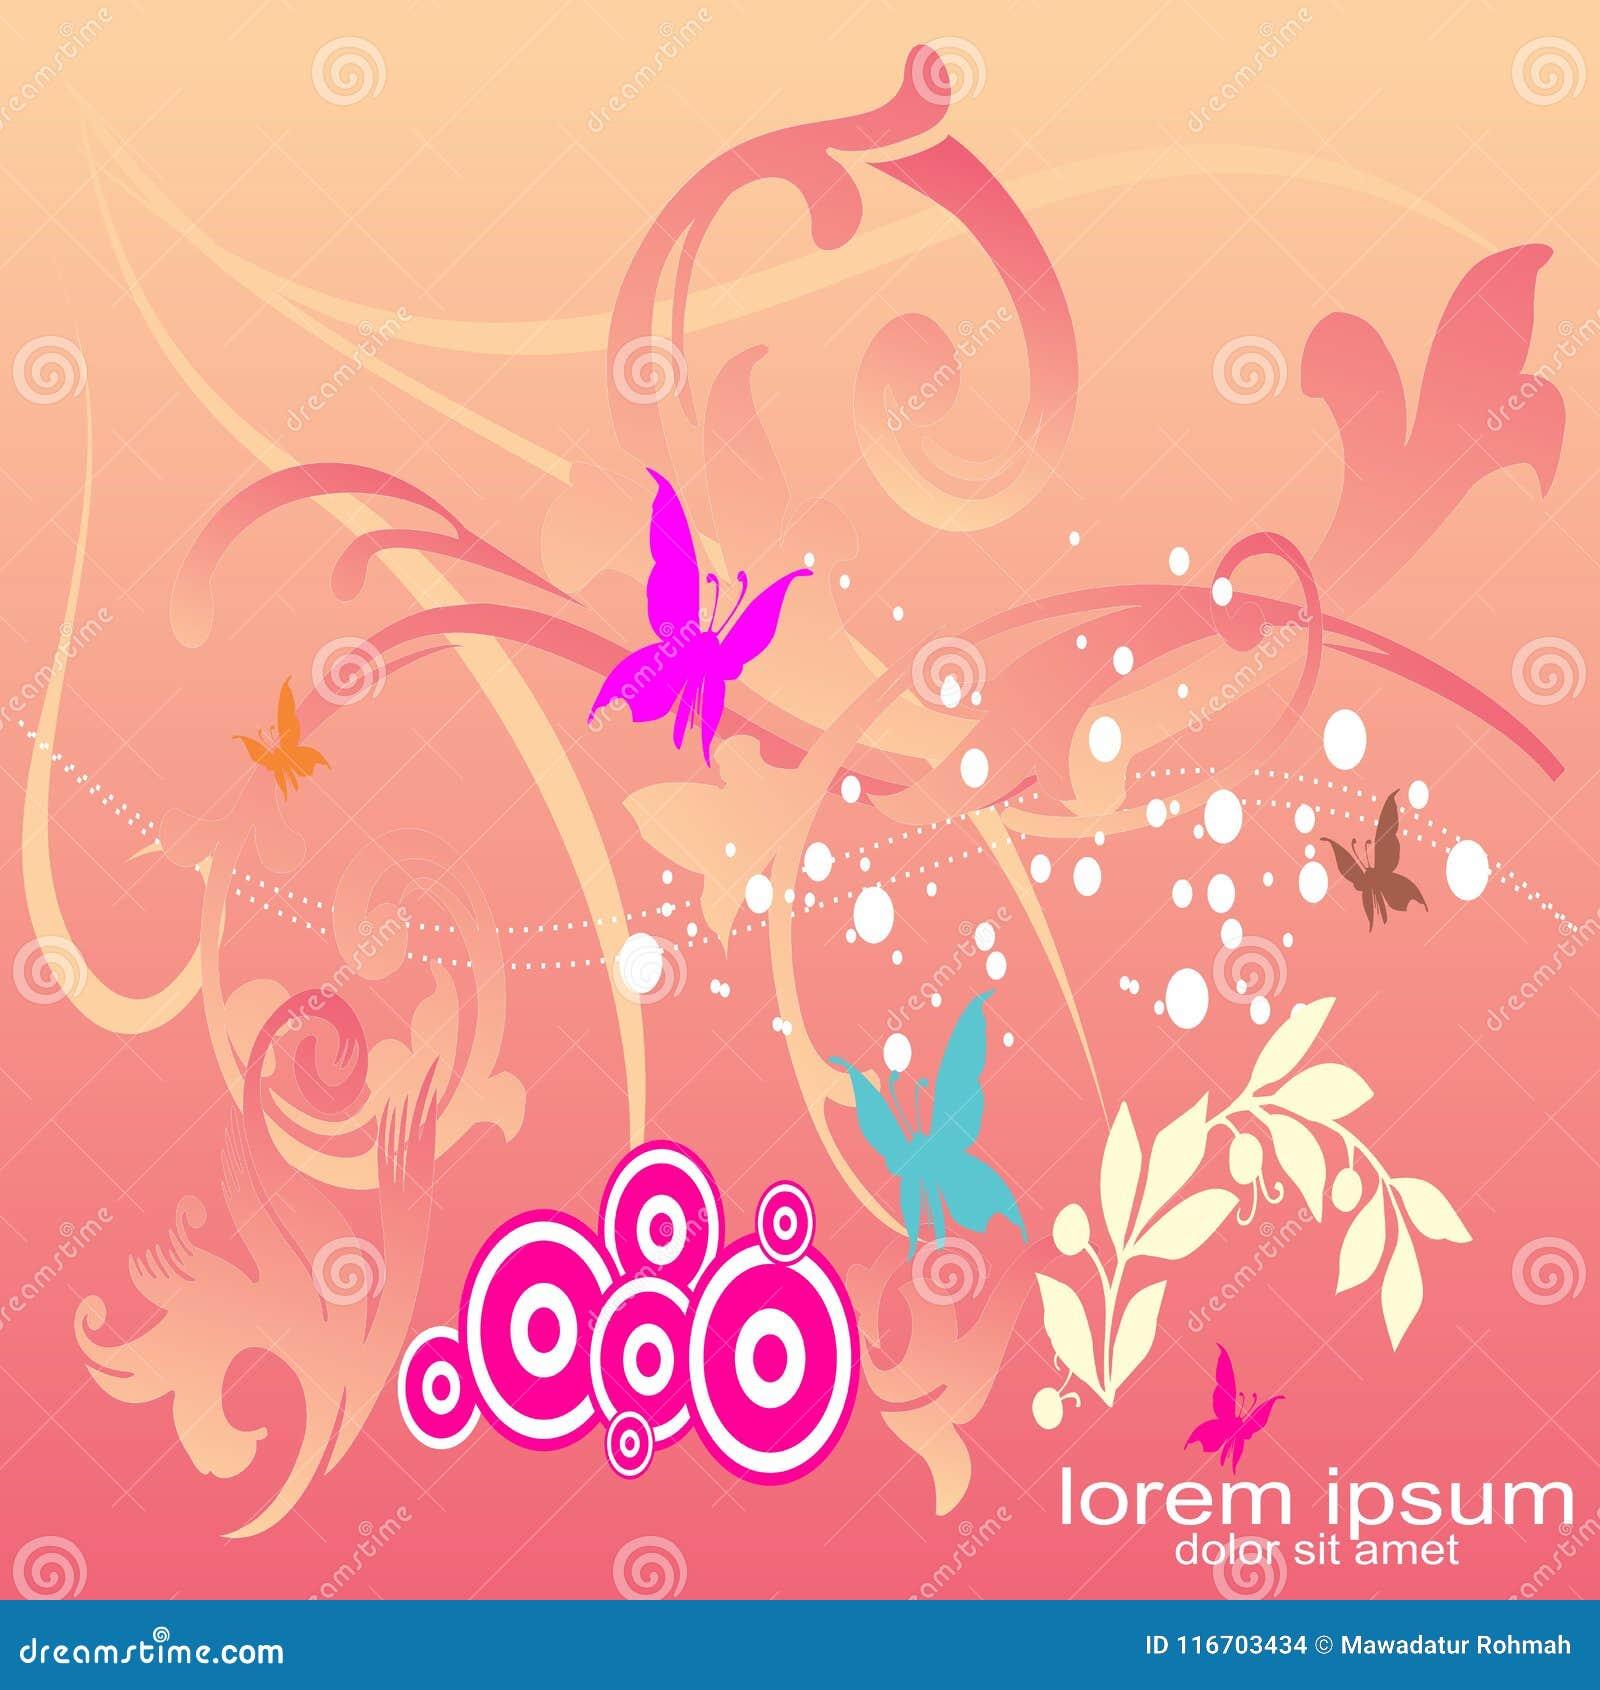 Papel de parede e imagem do fundo da flor